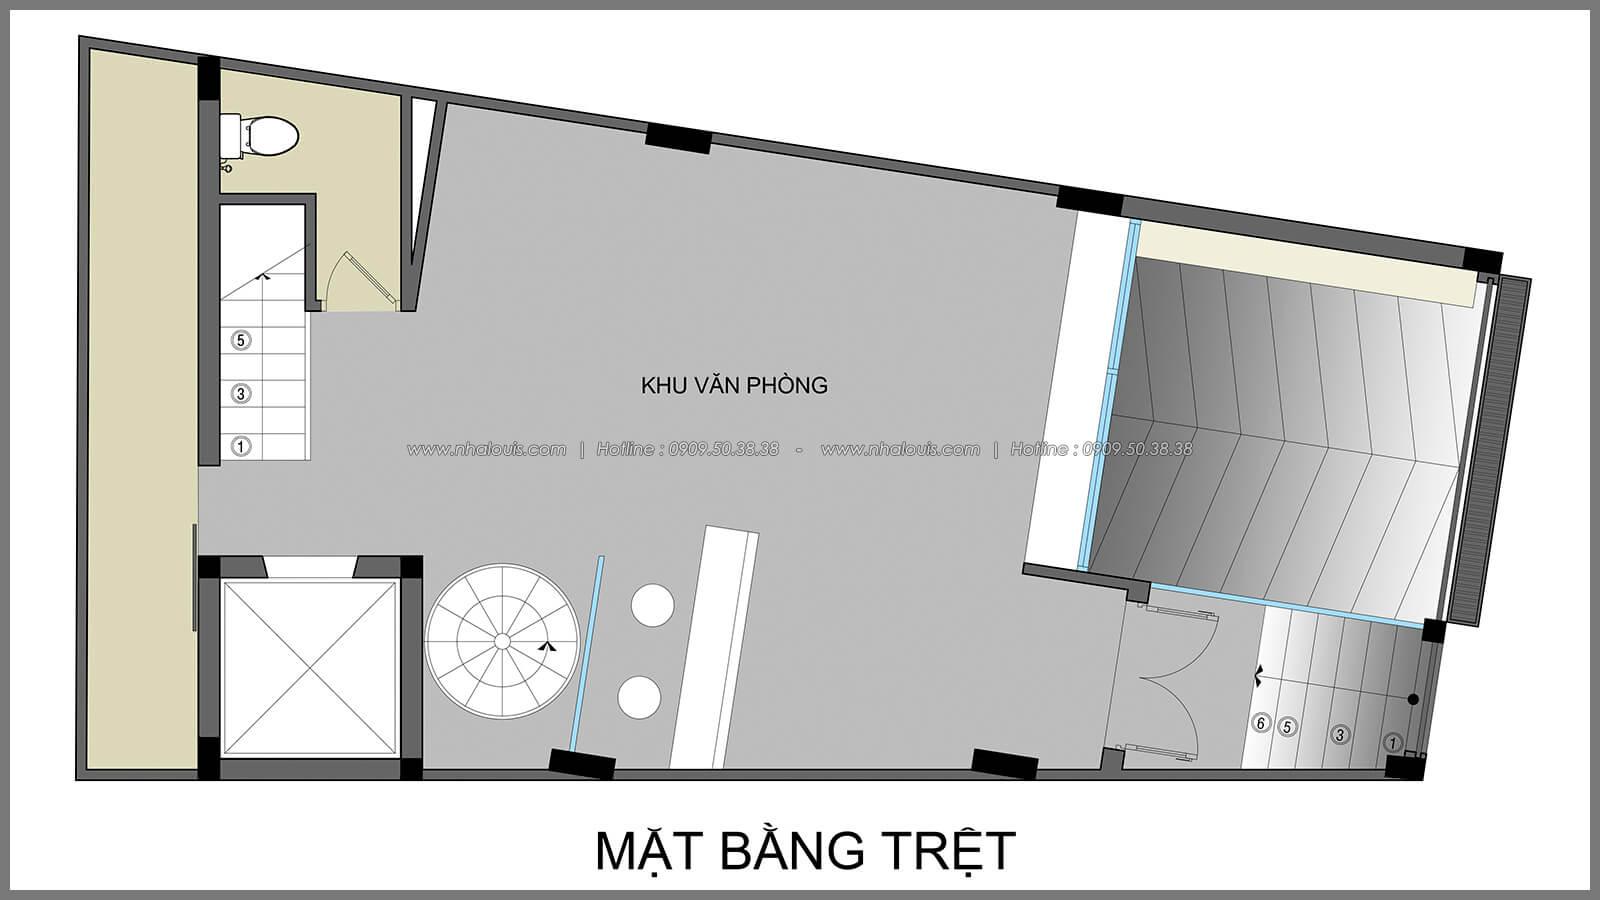 Mặt bằng trệt thiết kế nhà có tầng hầm của chị Lan tại Quận 1 - 4